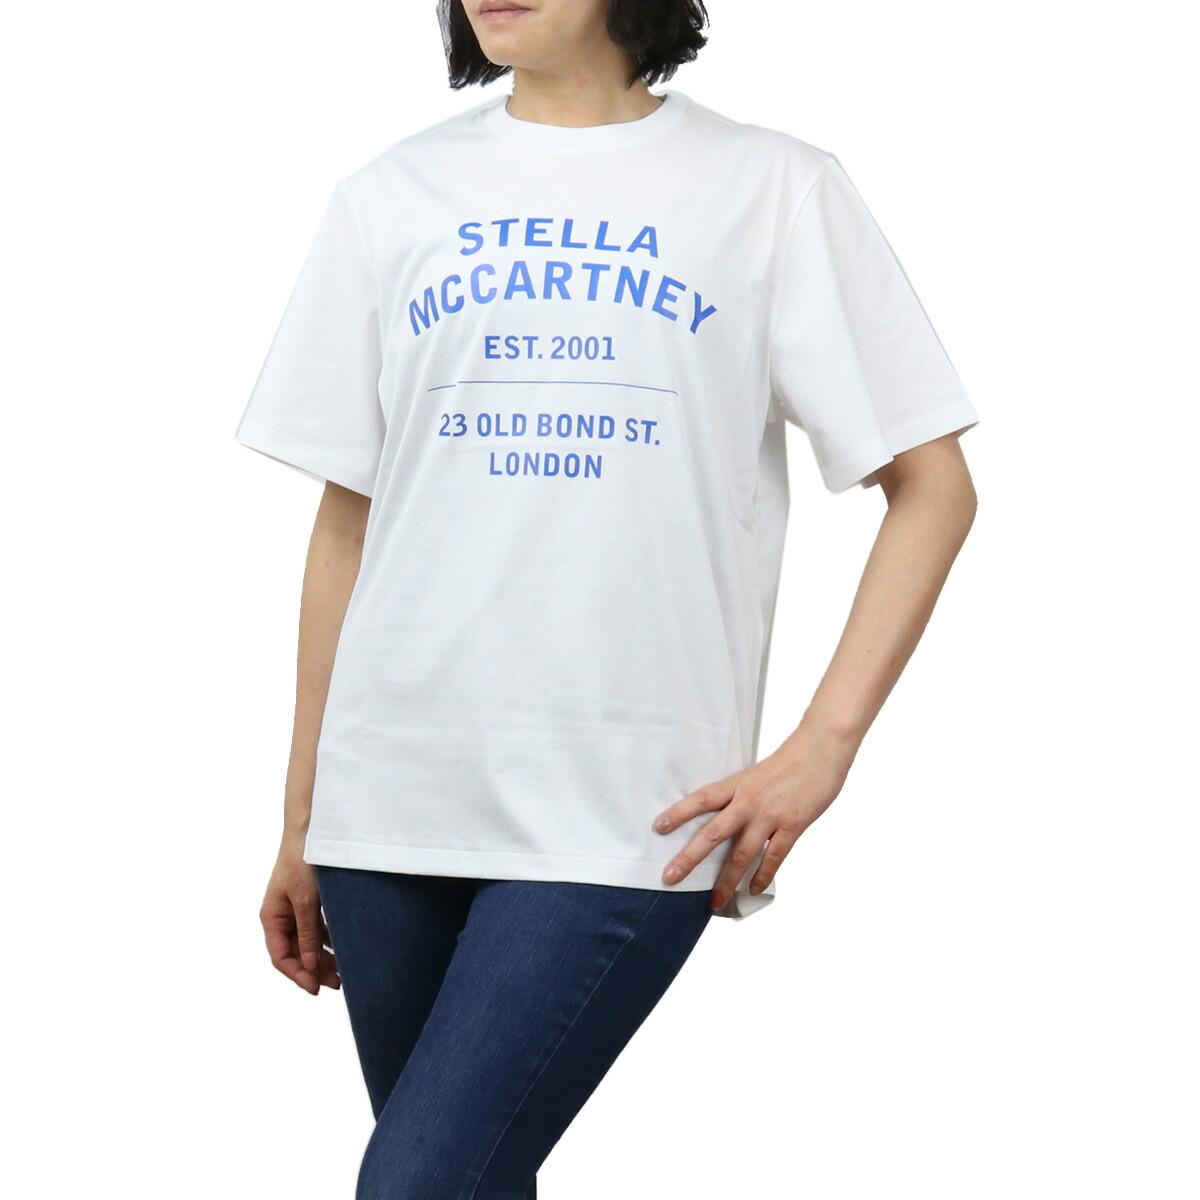 ステラマッカートニー STELLA MCCARTNEY レディース-Tシャツ 601849 SMP86 9000 ホワイト系 bos-11 apparel-01 ts-01 最安値挑戦中レディース